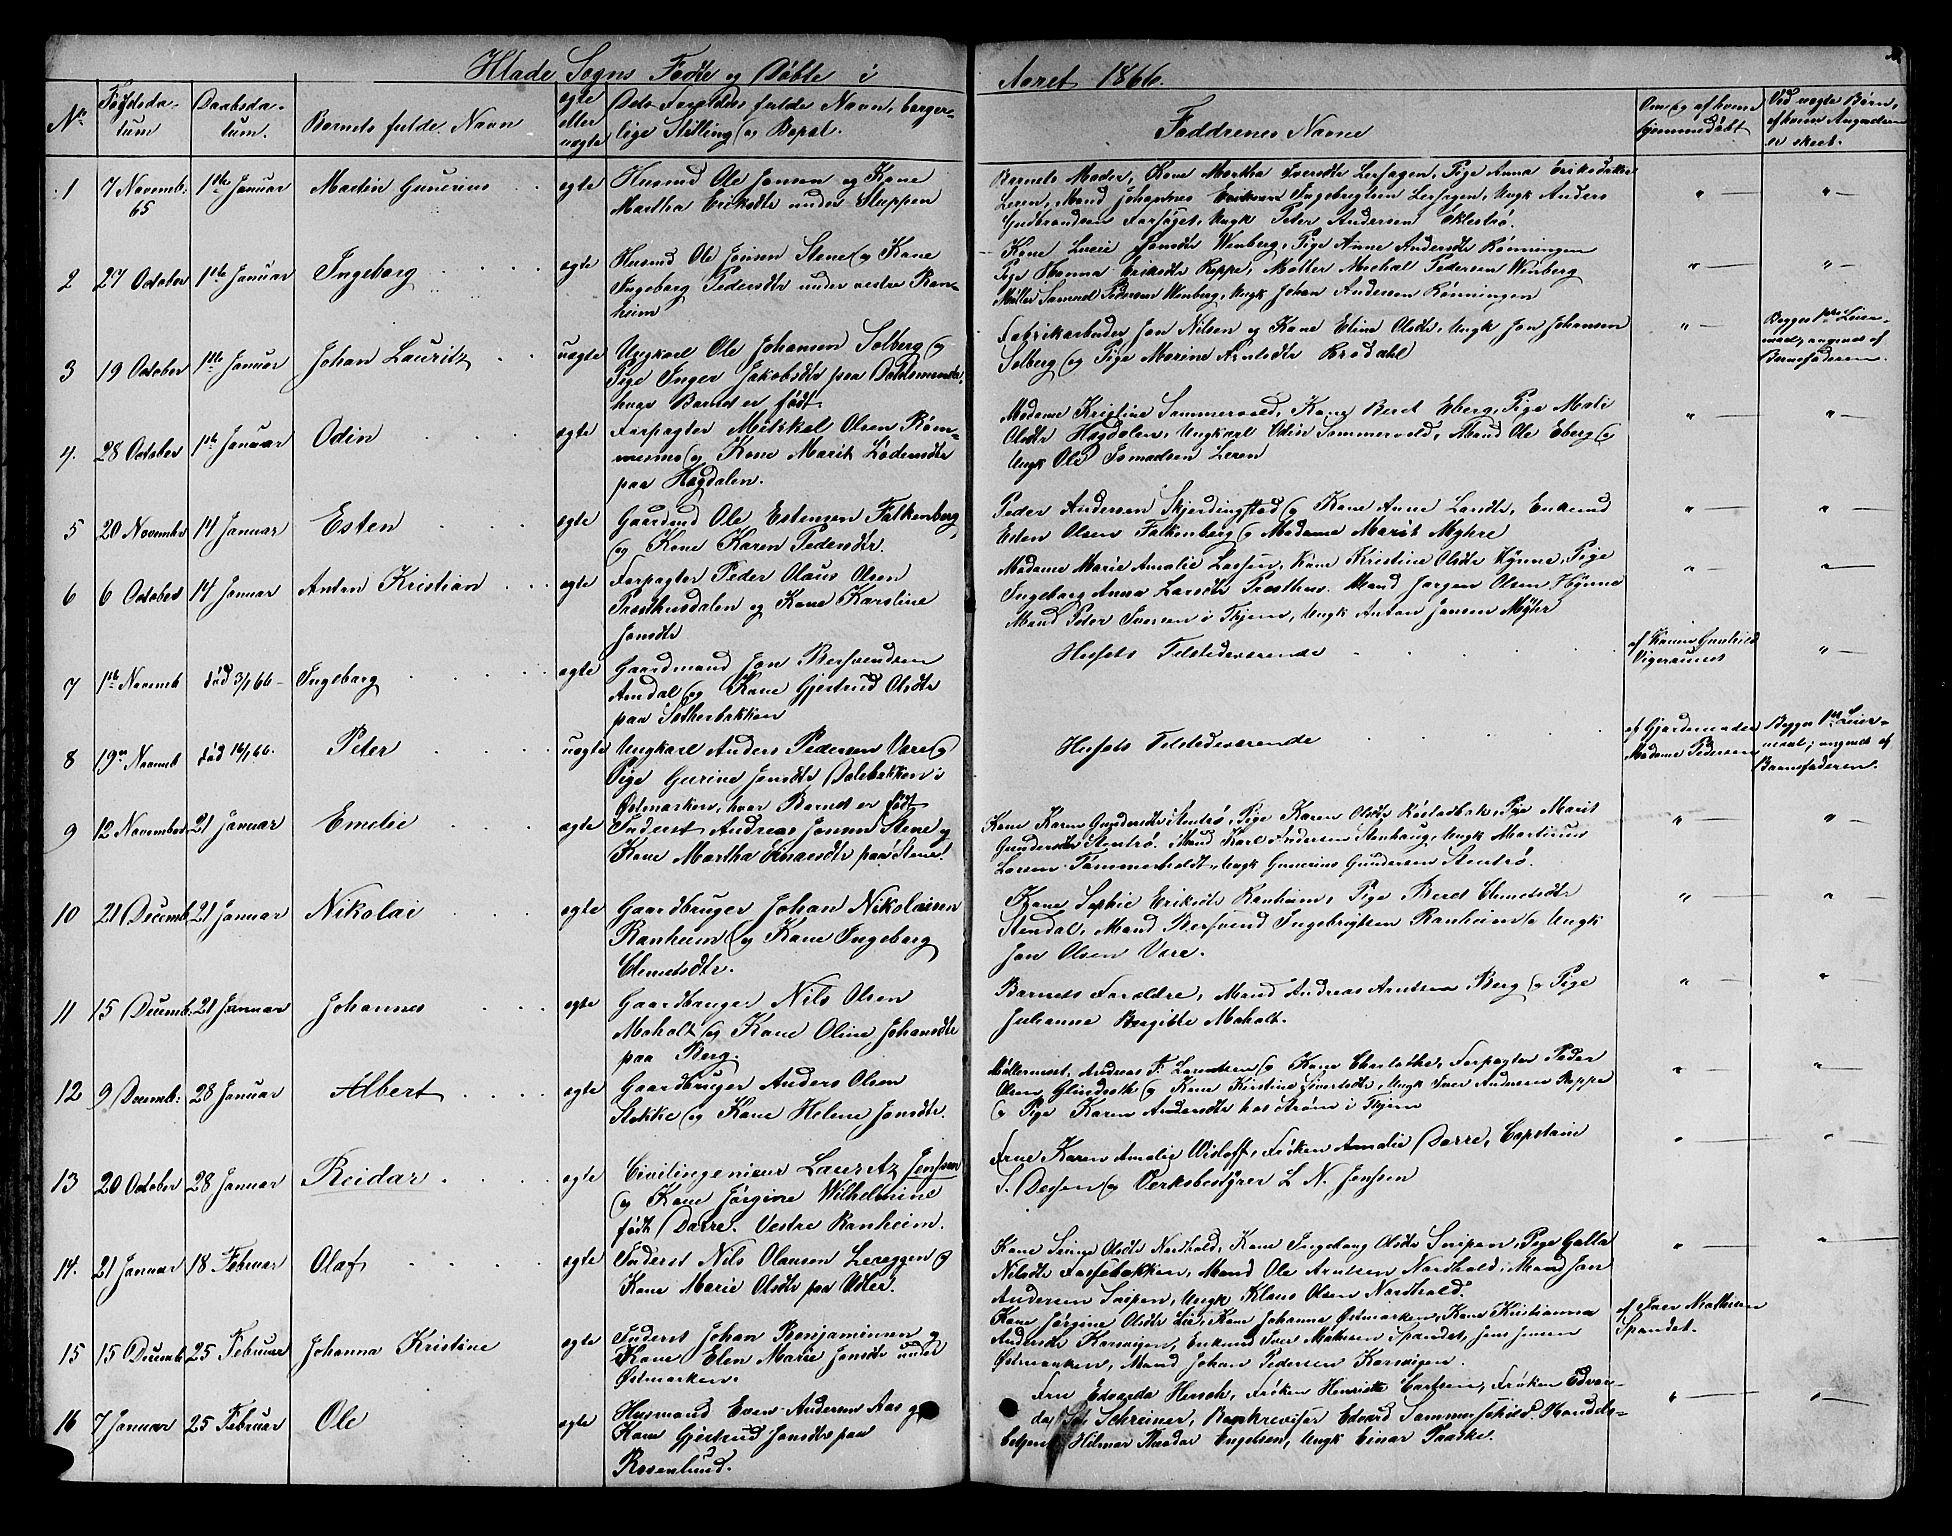 SAT, Ministerialprotokoller, klokkerbøker og fødselsregistre - Sør-Trøndelag, 606/L0311: Klokkerbok nr. 606C07, 1860-1877, s. 50